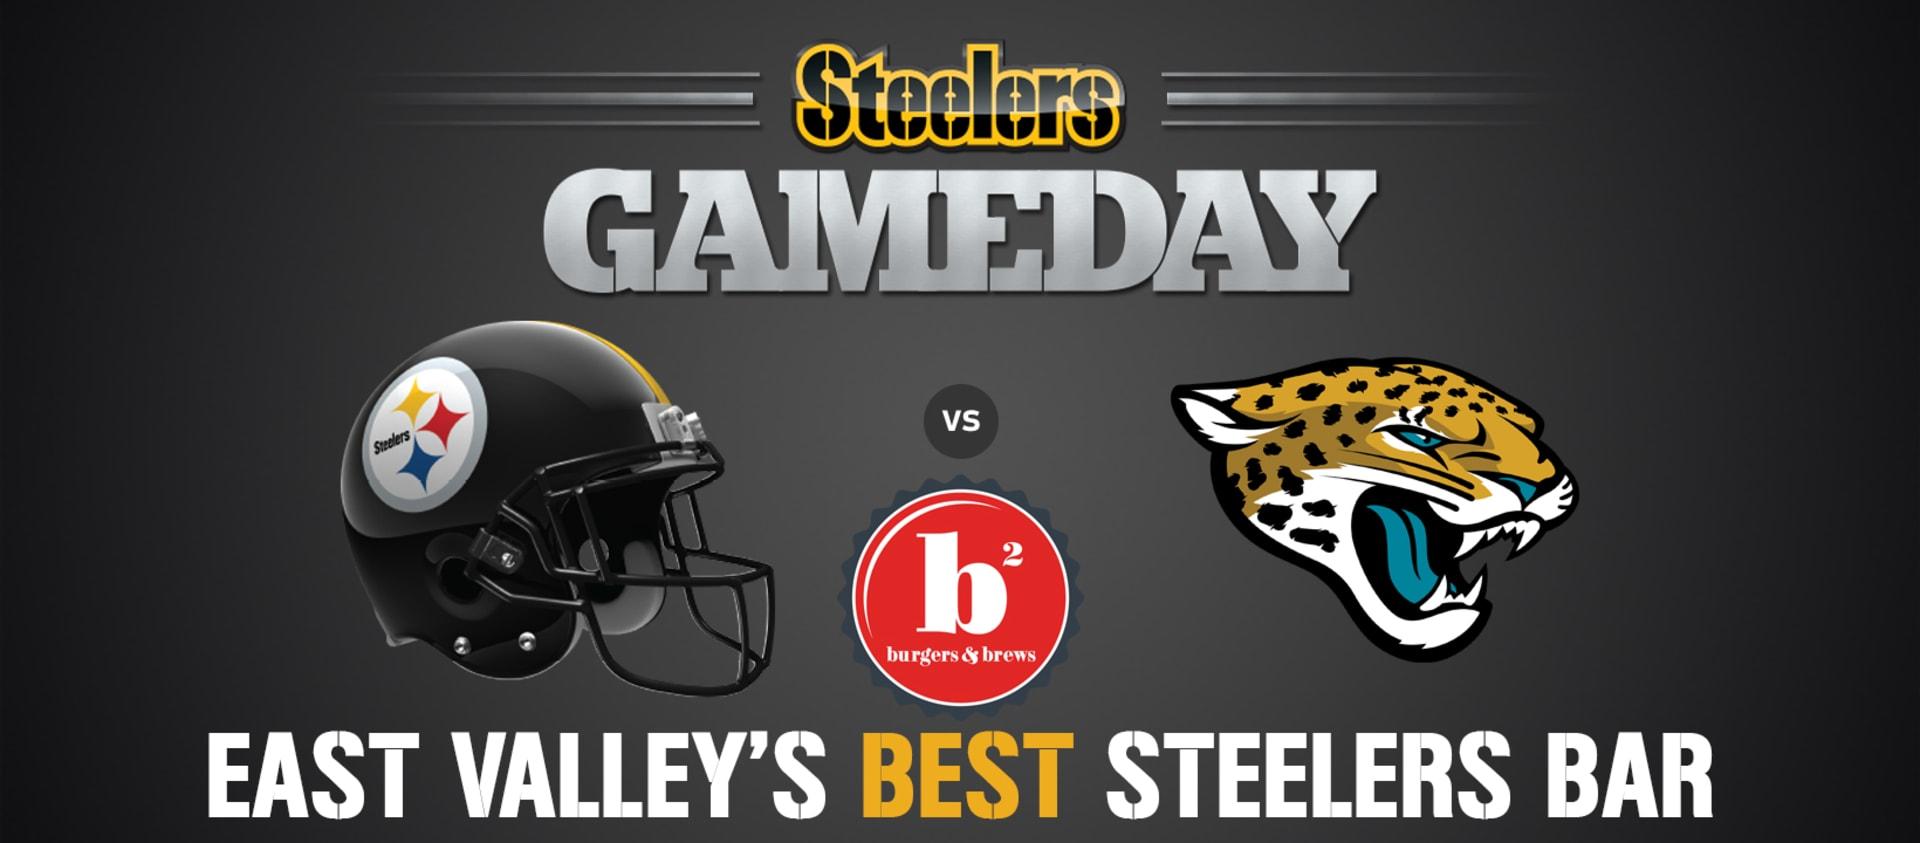 Steelers Week 11 | Pittsburgh Steelers vs Jacksonville Jaguars